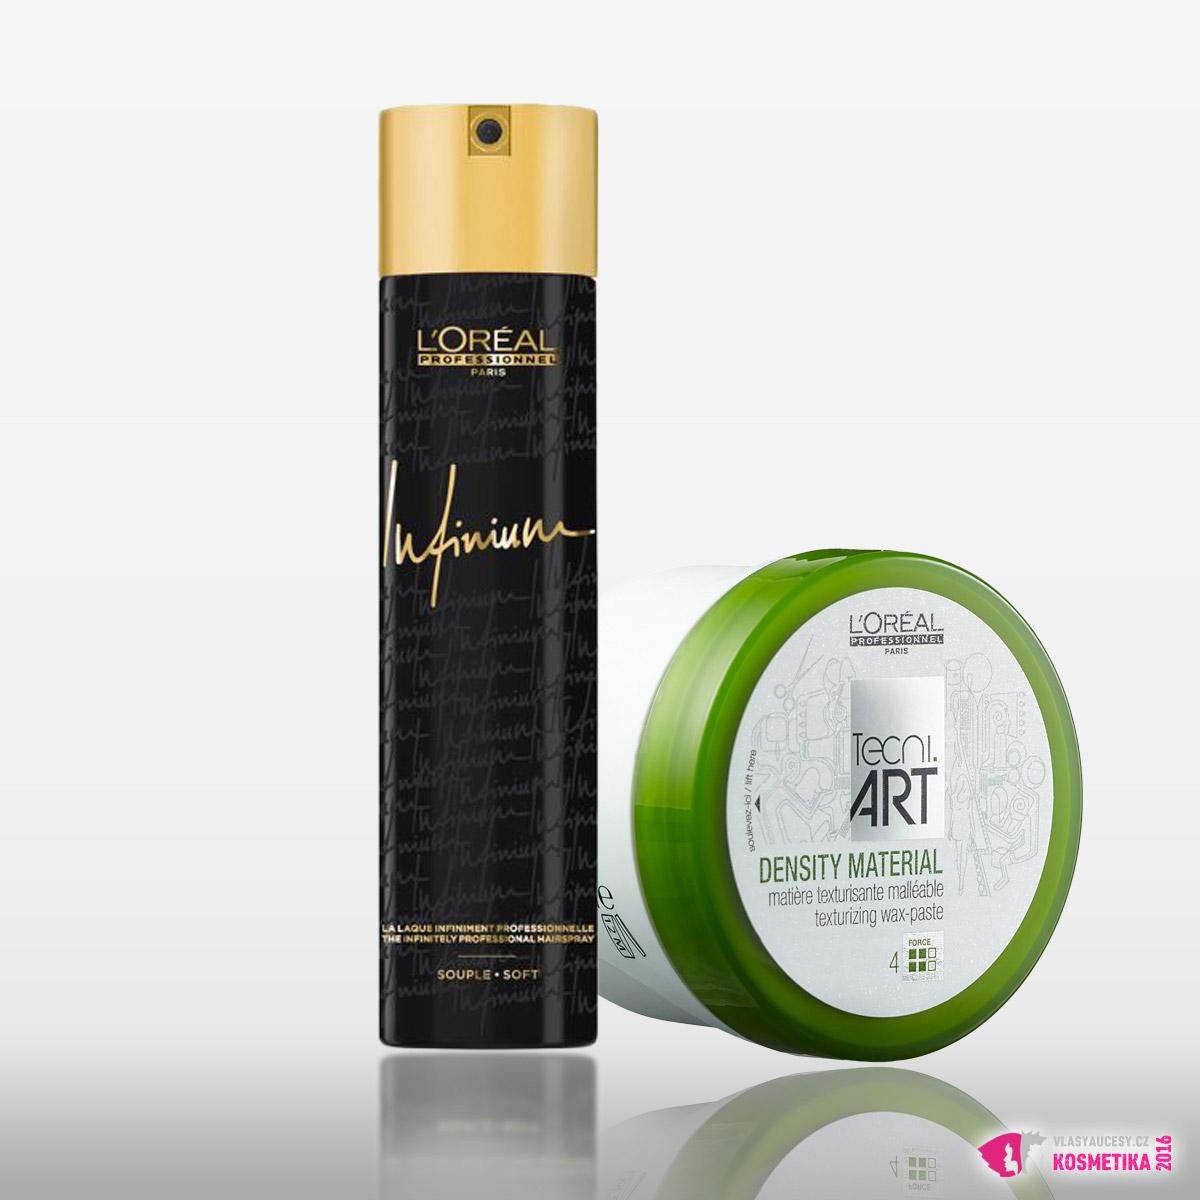 Použité produkty L'Oréal Professionnel: lak Infinium EXTRA STRONG a matující vosková pasta Density Material